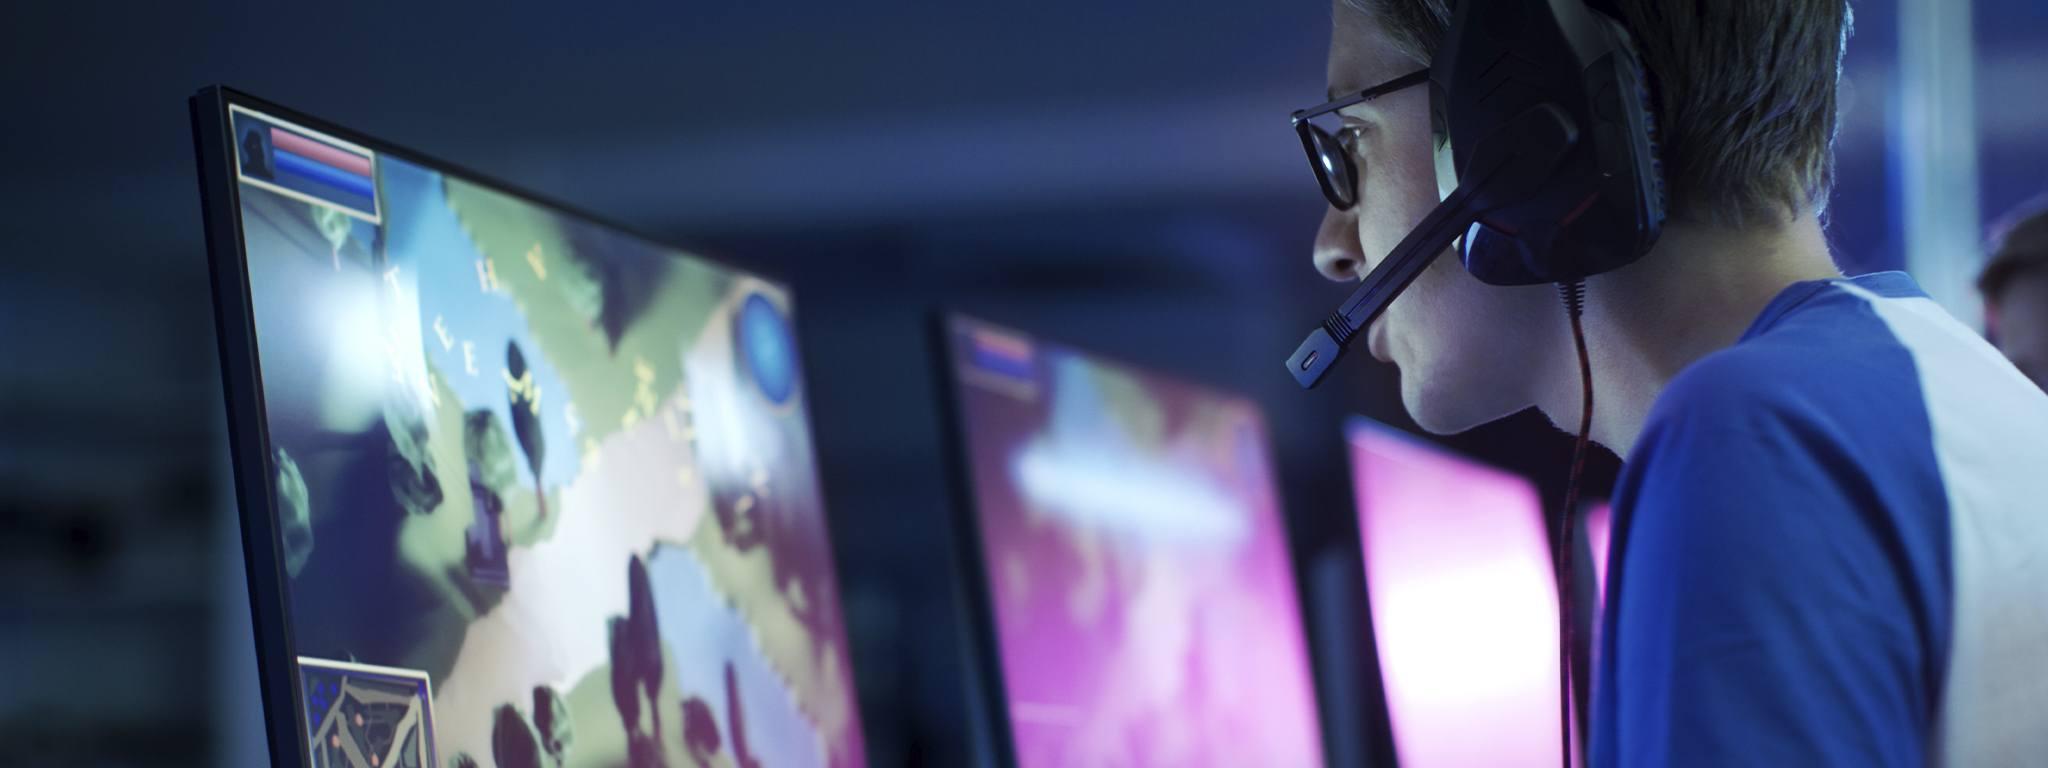 Gracz e-sportowy grający i transmitujący swoją rozgrywkę na komputerze